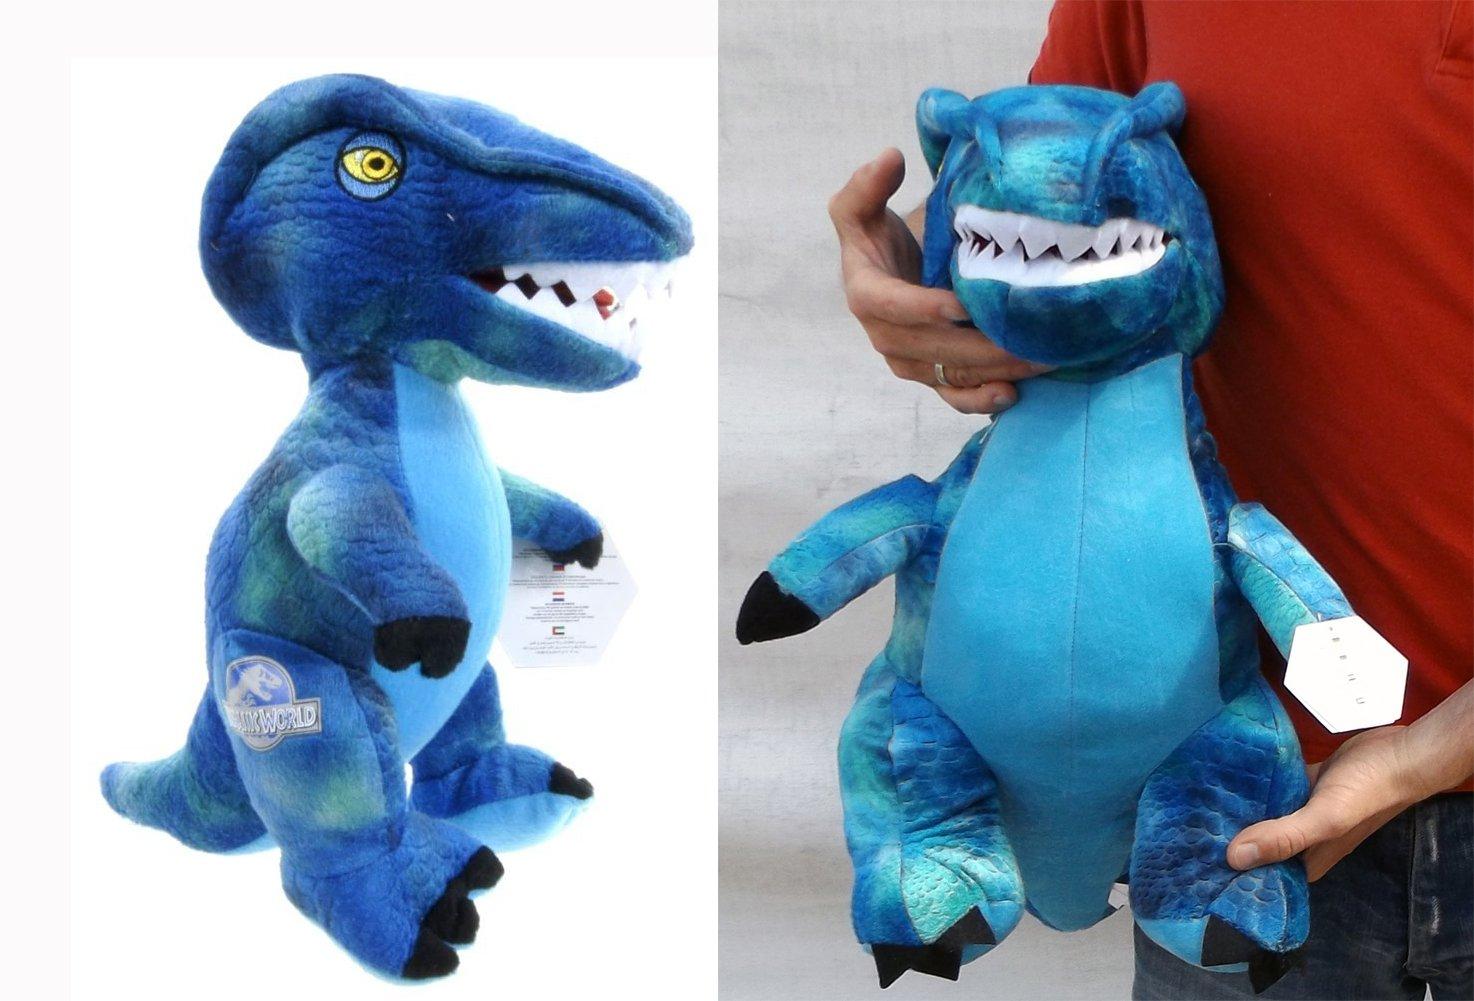 Brigamo 24016- Jurassic World© blauer Velociraptor Plüsch DINOSAURIER IN XL GRÖßE! kaufen